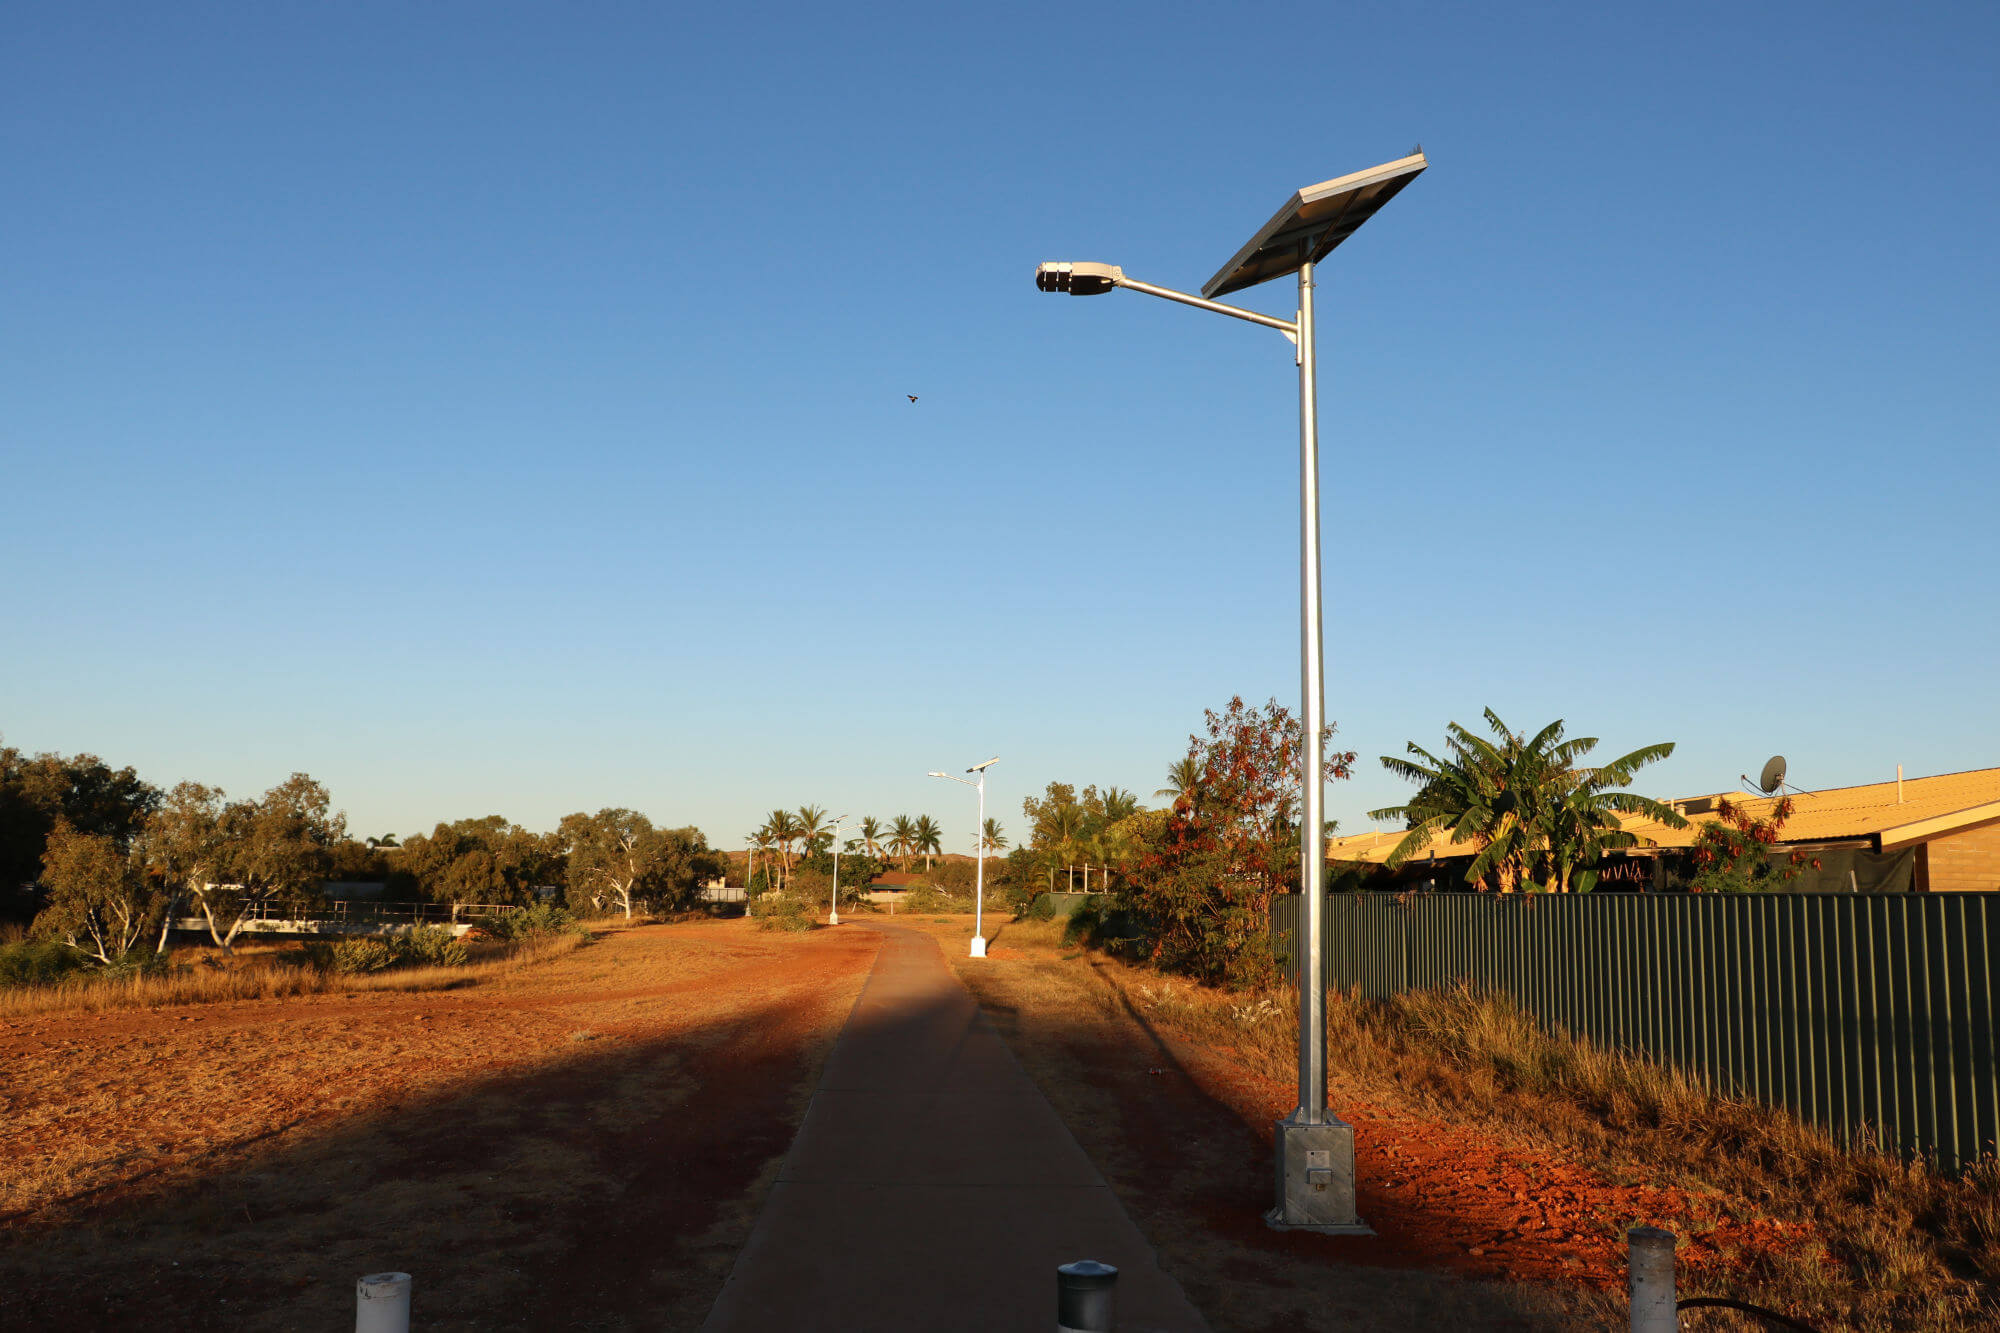 đèn led chiếu sáng đường, đèn led chiếu sáng đường phố, đèn led chiếu sáng ngoài đường